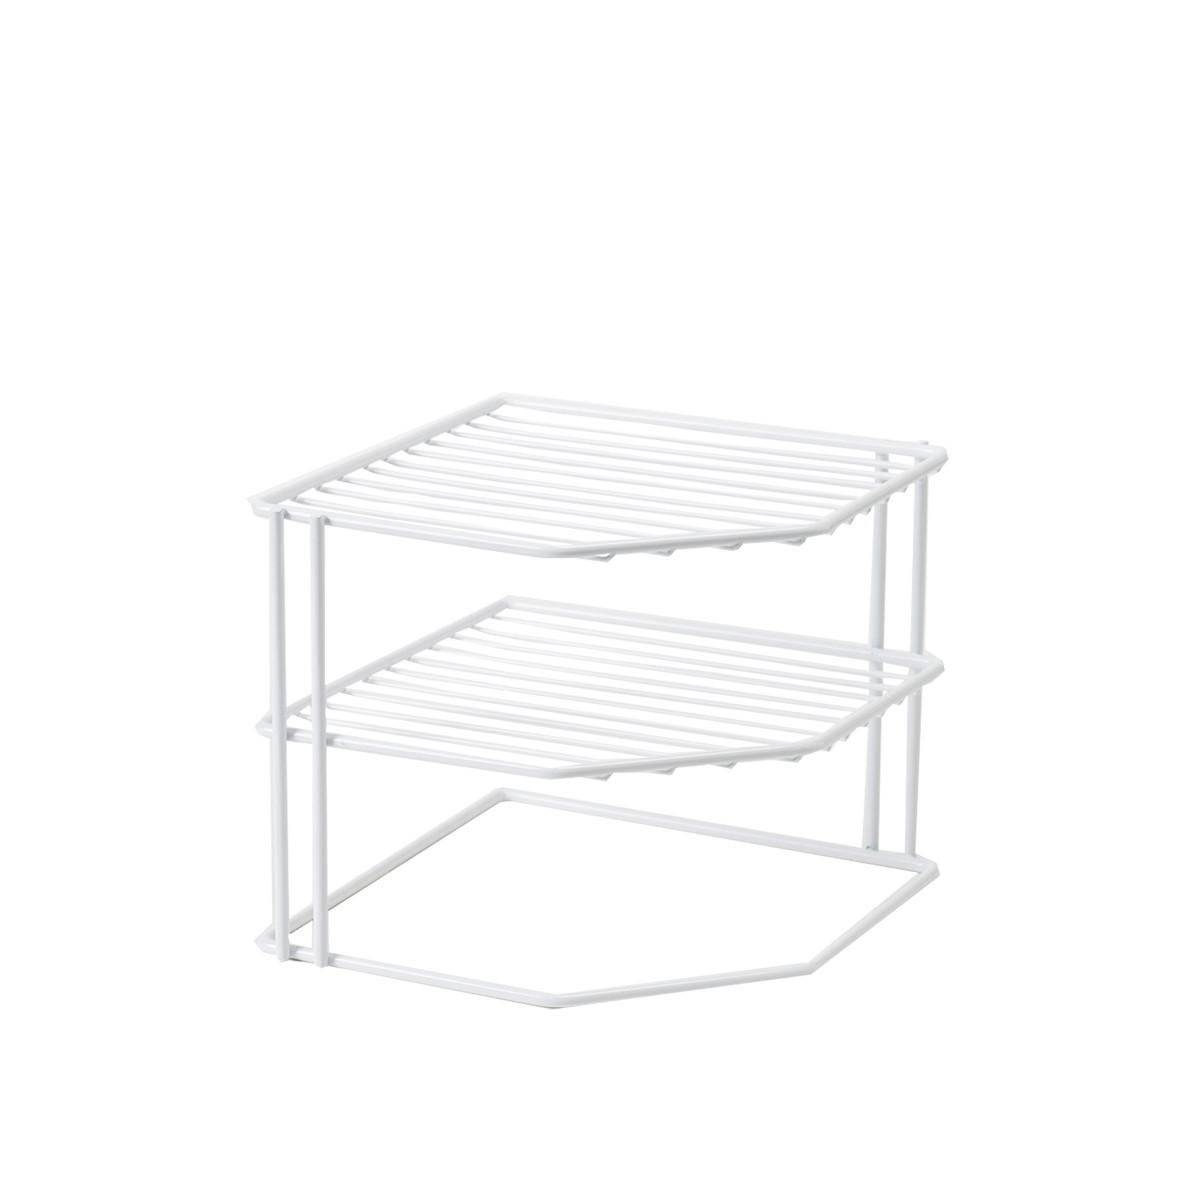 etag re gain de place placard rangement vaisselle. Black Bedroom Furniture Sets. Home Design Ideas